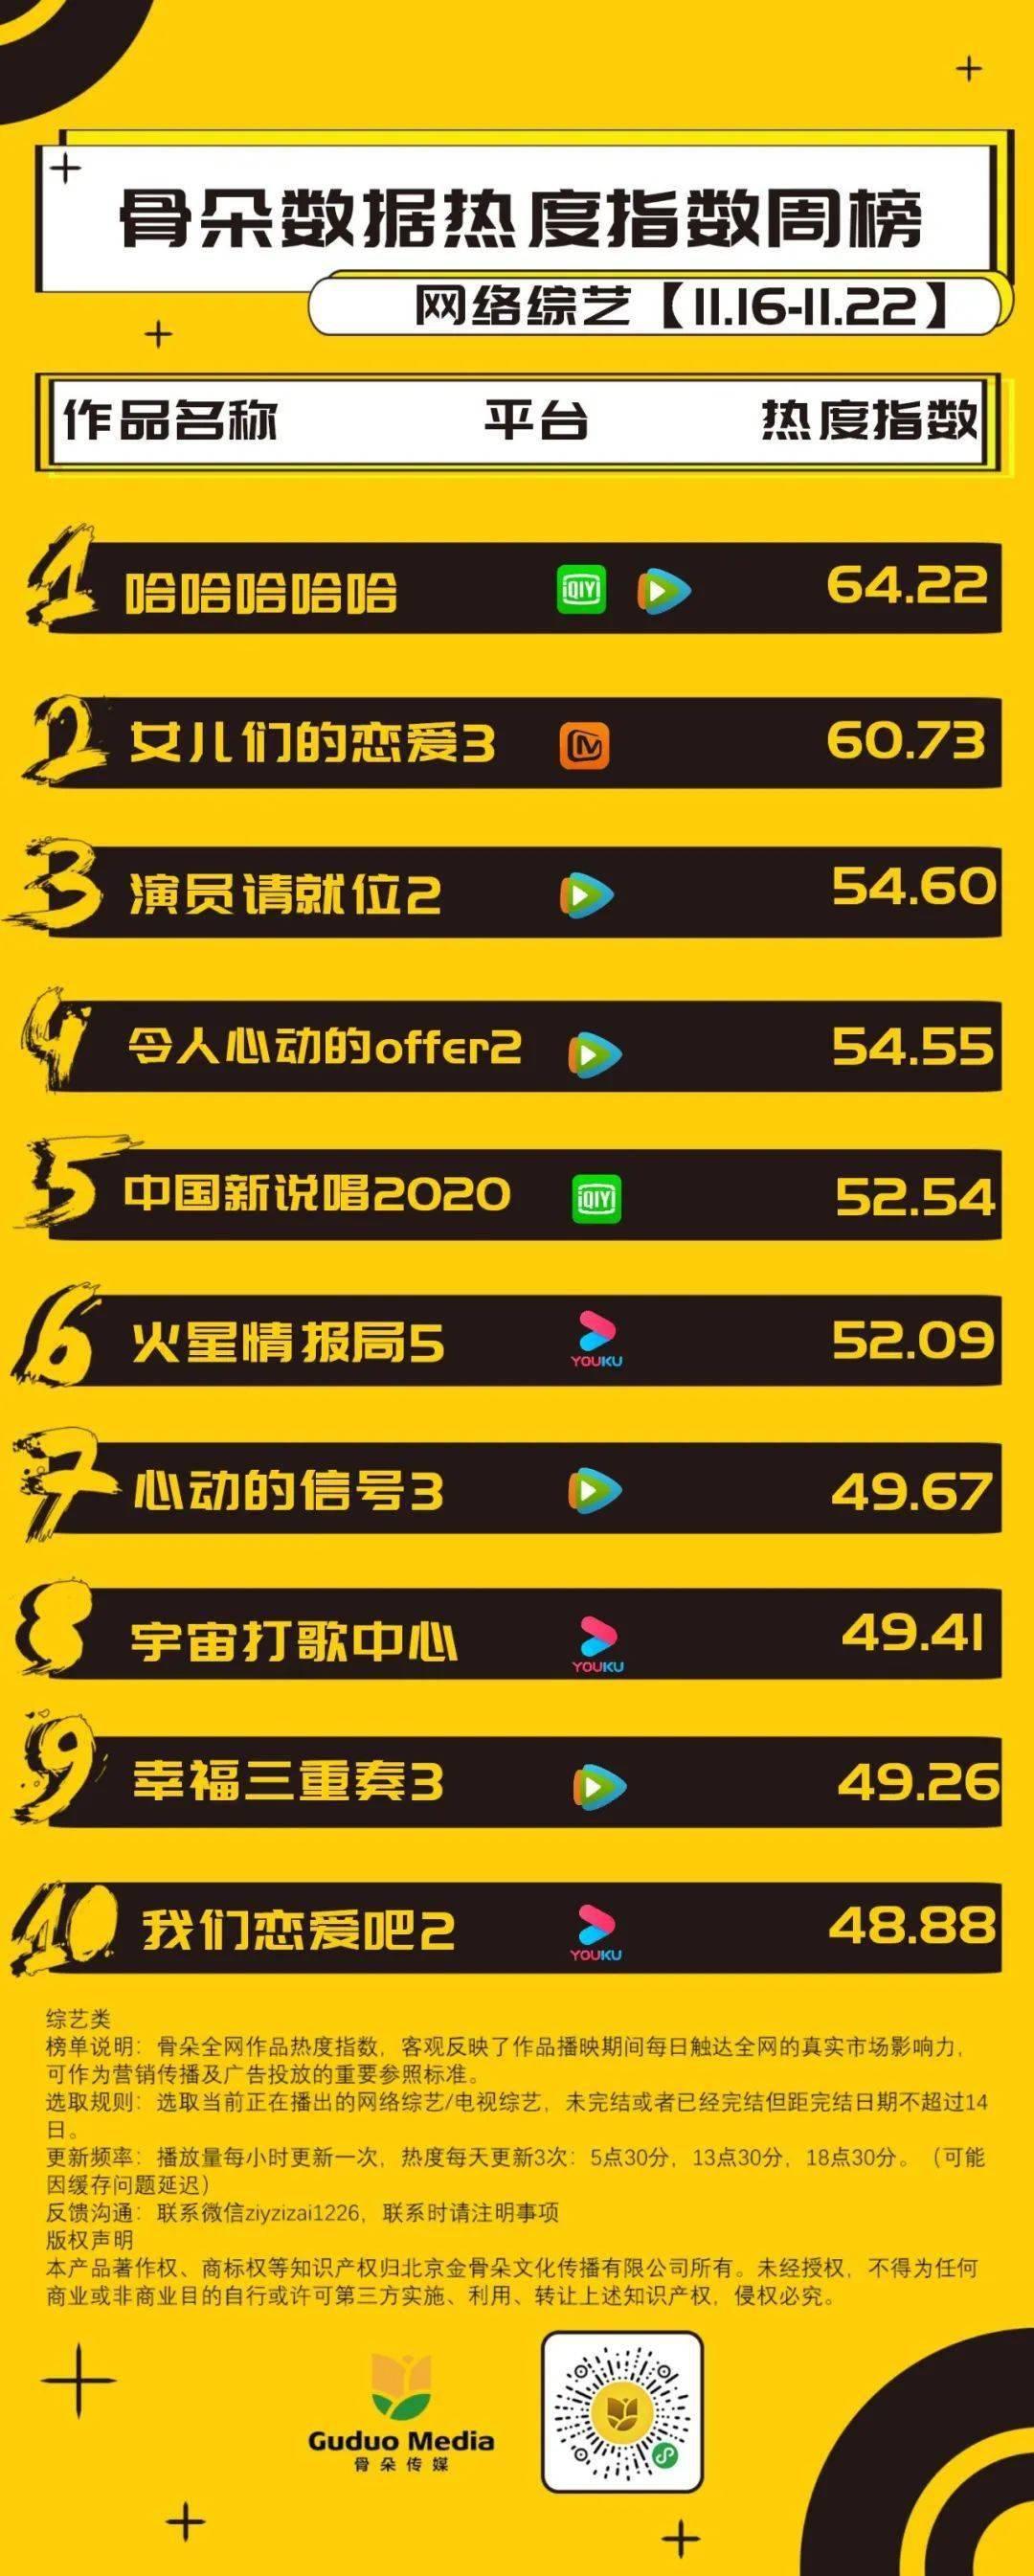 网综周榜丨《哈哈哈哈哈》首次夺冠,《女儿们的恋爱3》位列第二